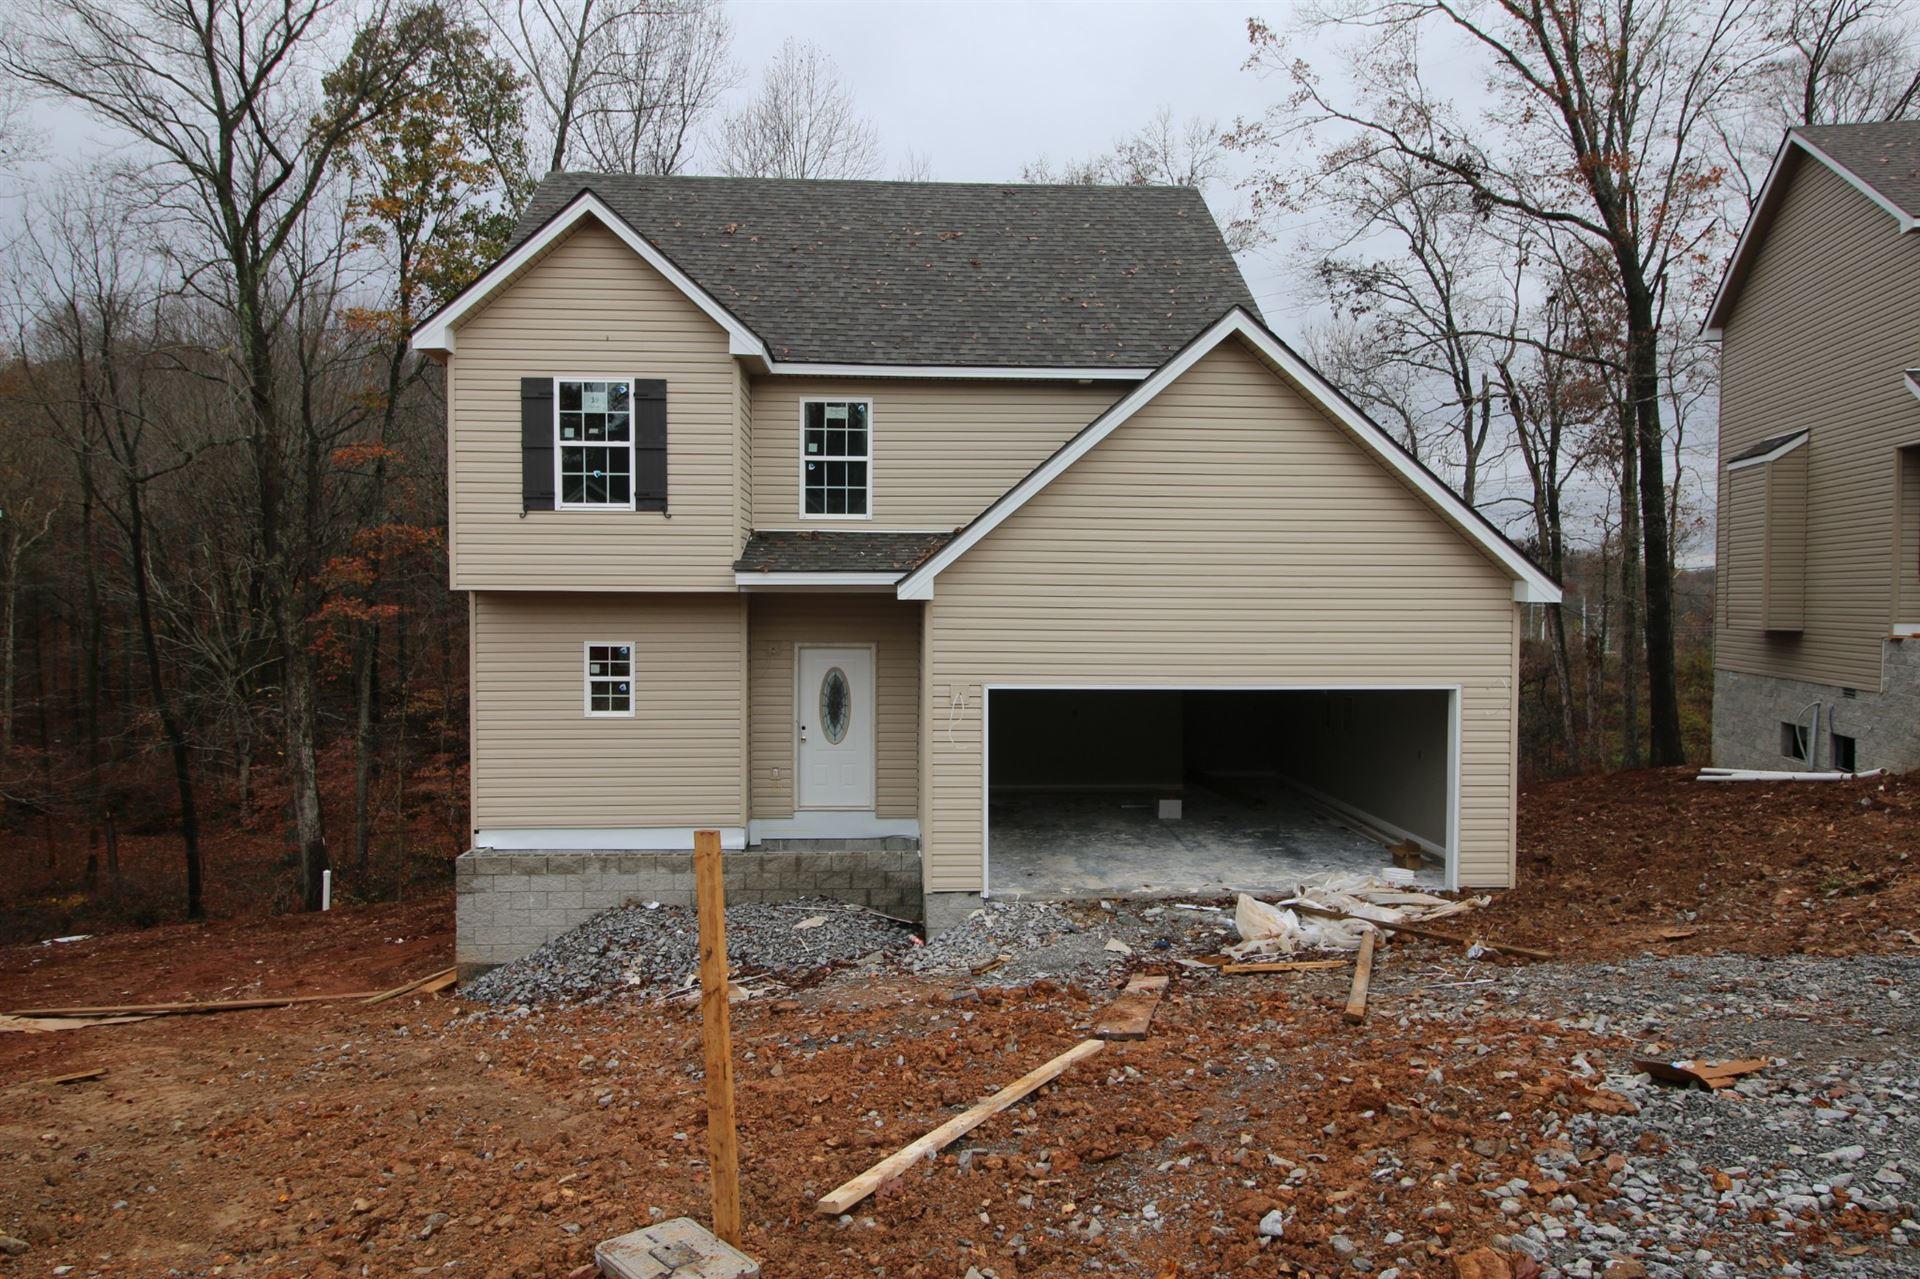 39 Chalet Hills, Clarksville, TN 37040 - MLS#: 2189774